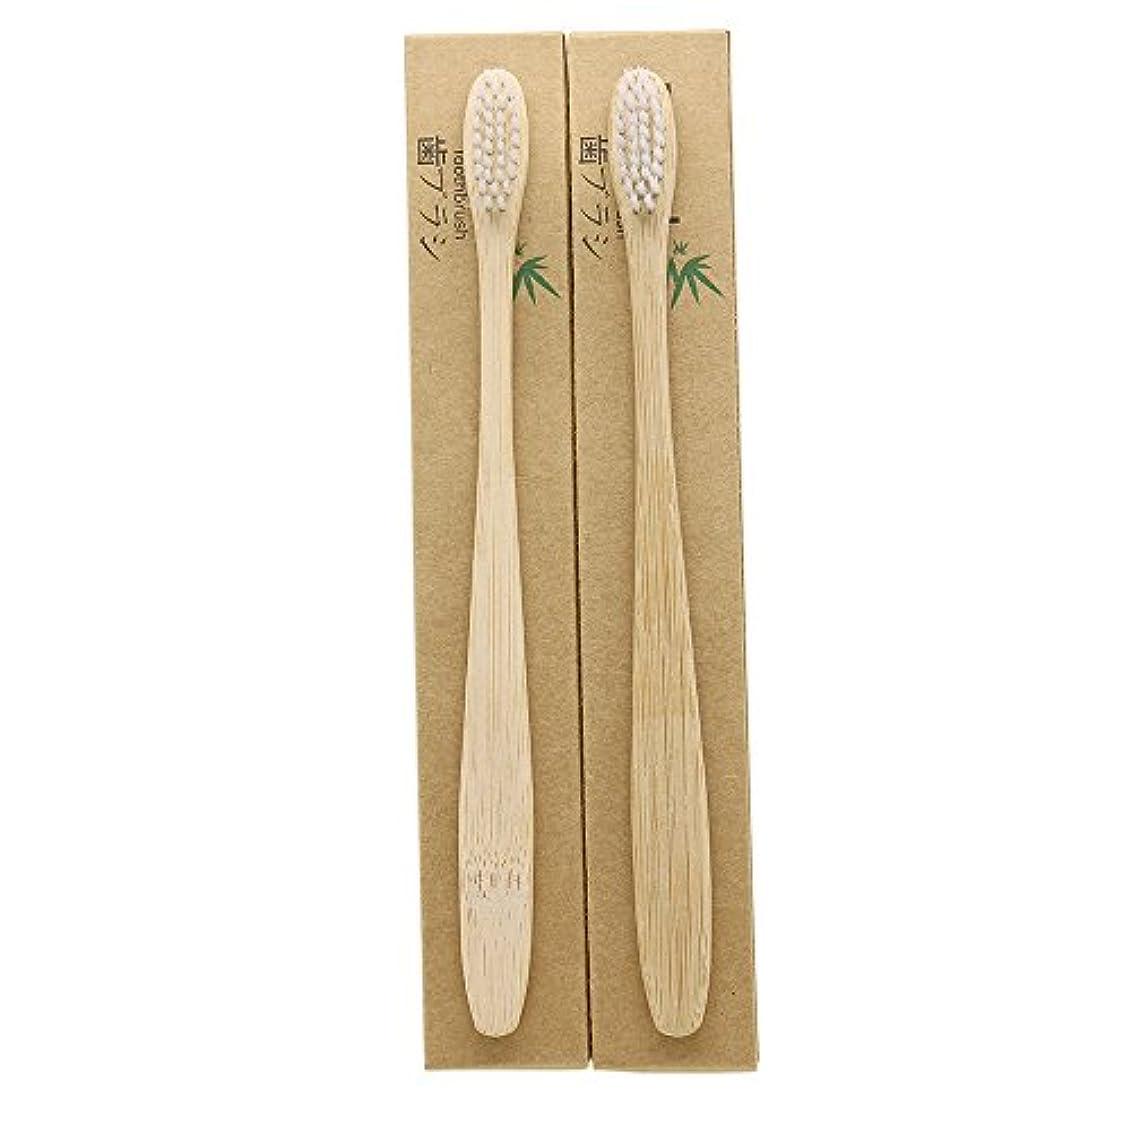 肘花弁アルミニウムN-amboo 竹製耐久度高い 歯ブラシ 2本入り セット エコ ヘッド小さい 白い